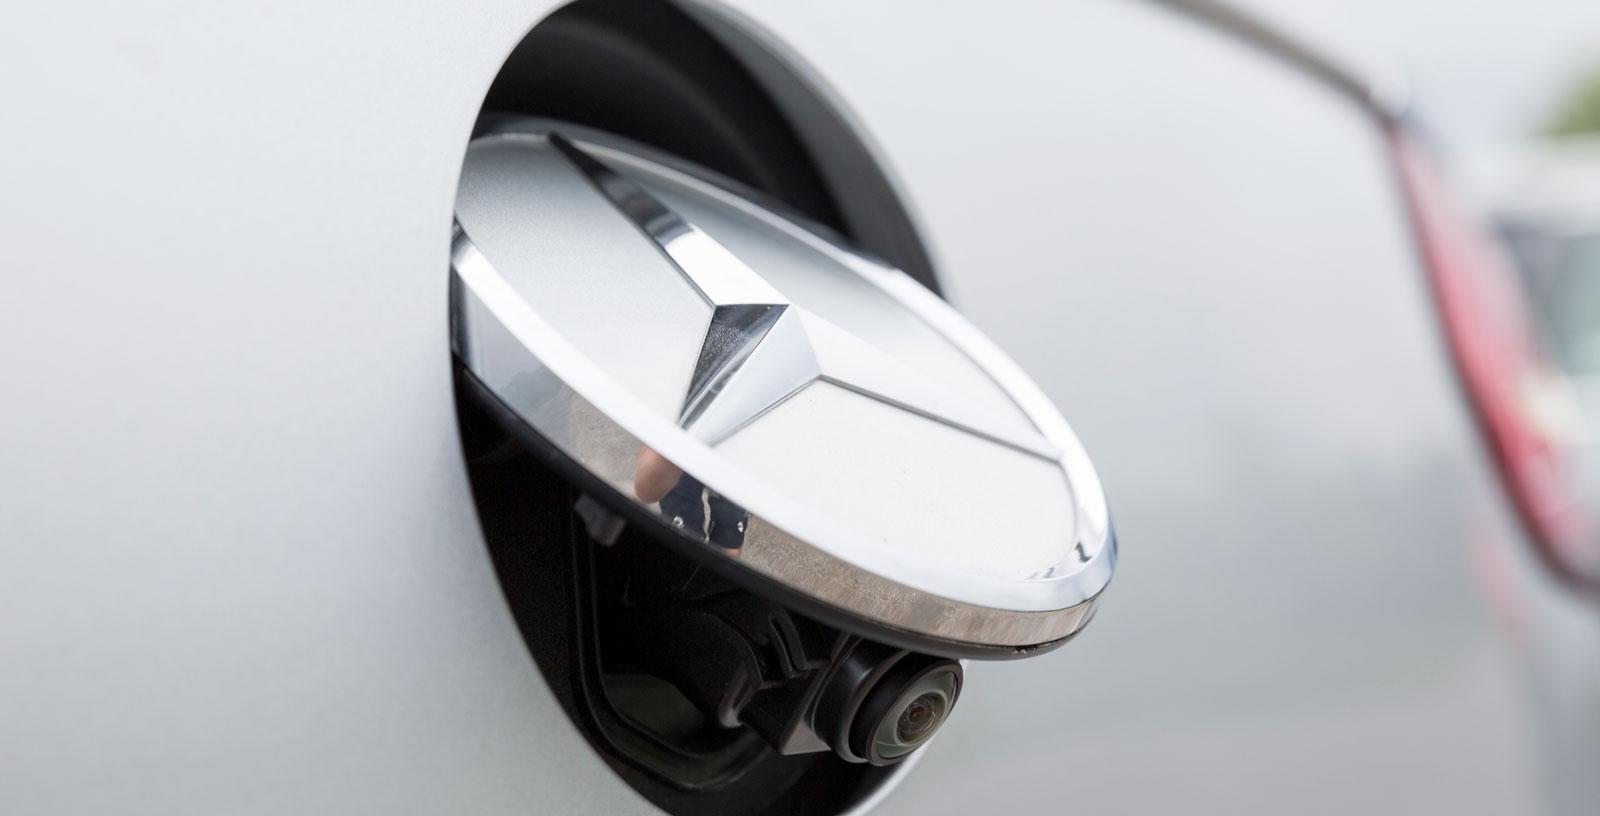 Det är fritt fram att sno saker som fungerar bra. Backningskameran är av en konstruktion som Volkswagen tidigare använt.